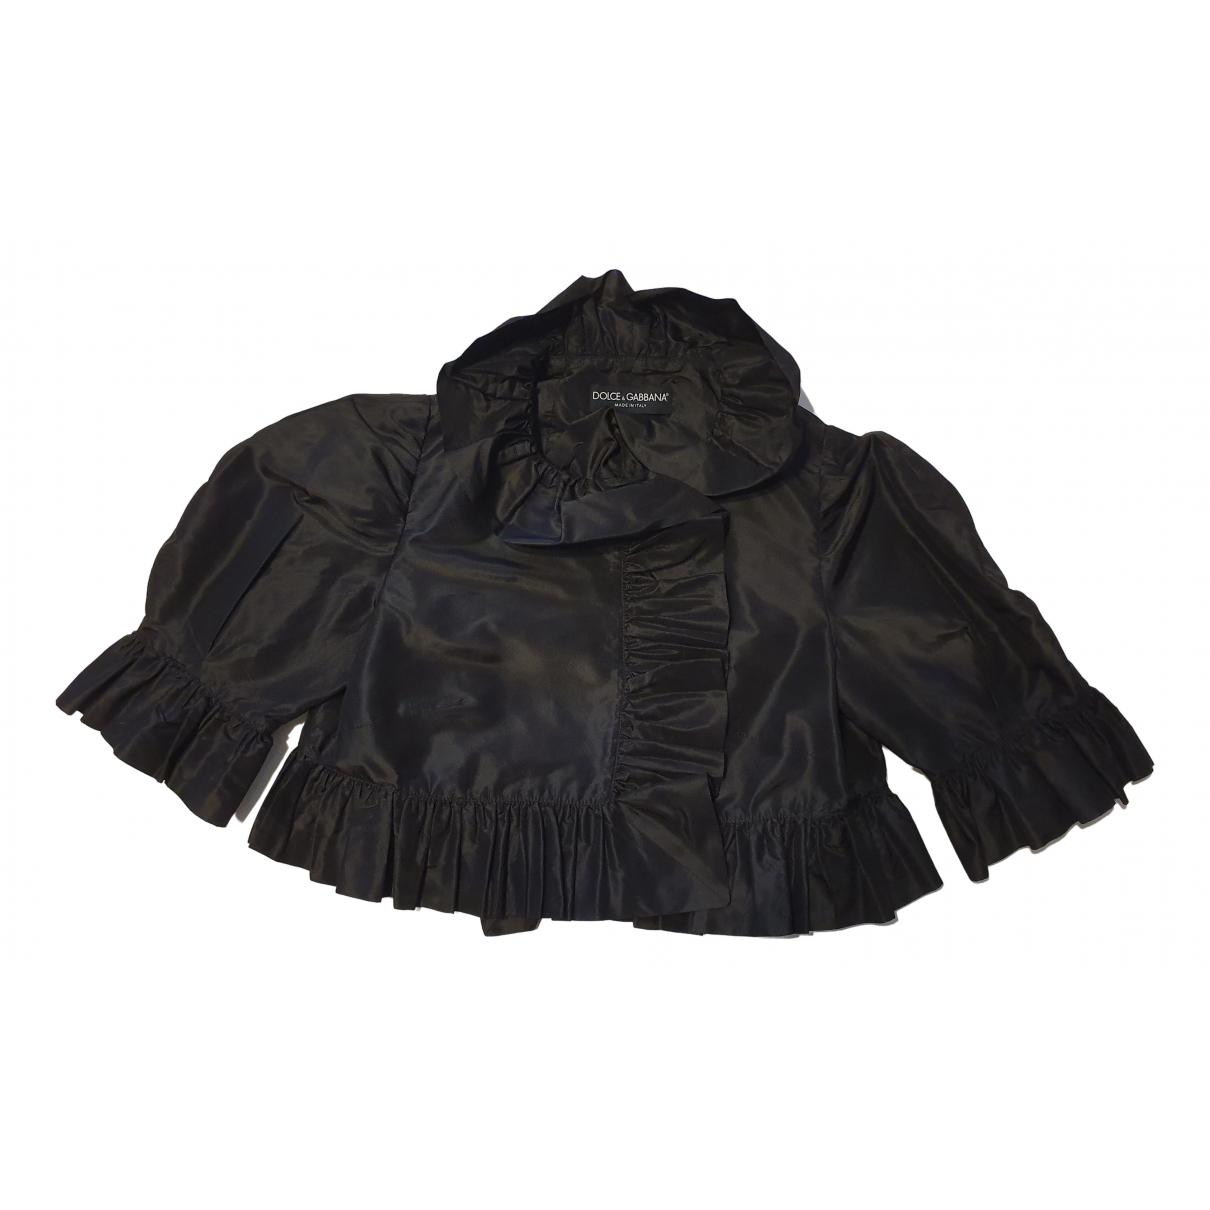 Dolce & Gabbana \N Jacke in  Schwarz Seide